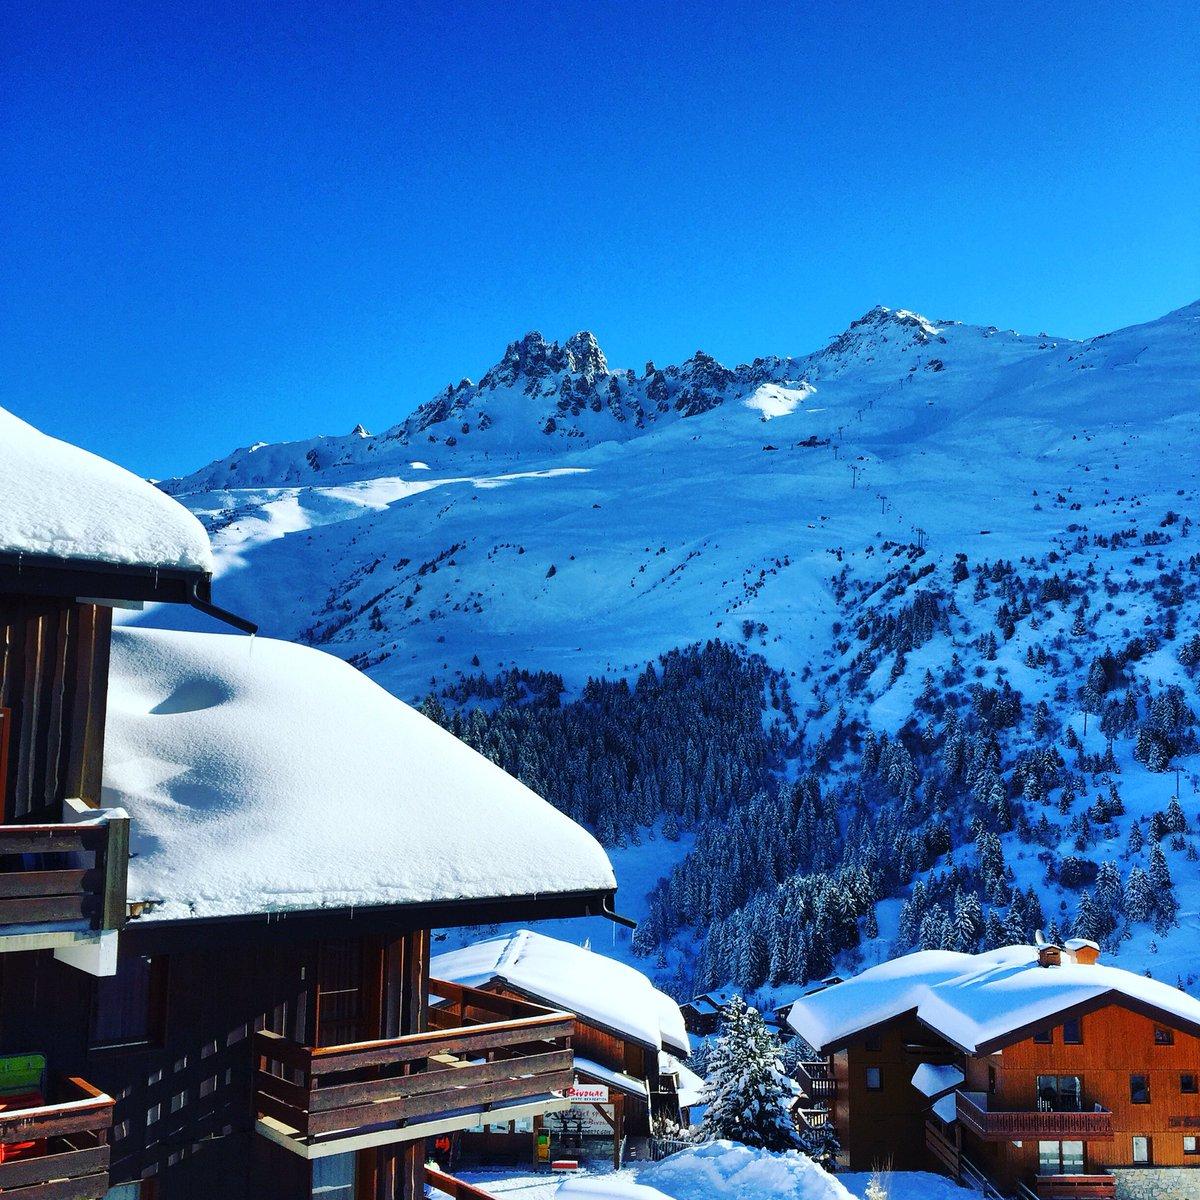 Good Morning Méribel... #skiing #3valleys #travel @ Meribel Mottaret, 3 Valleys, Alps https://t.co/tWdz7sCDPB https://t.co/Yz1xW0PpmZ